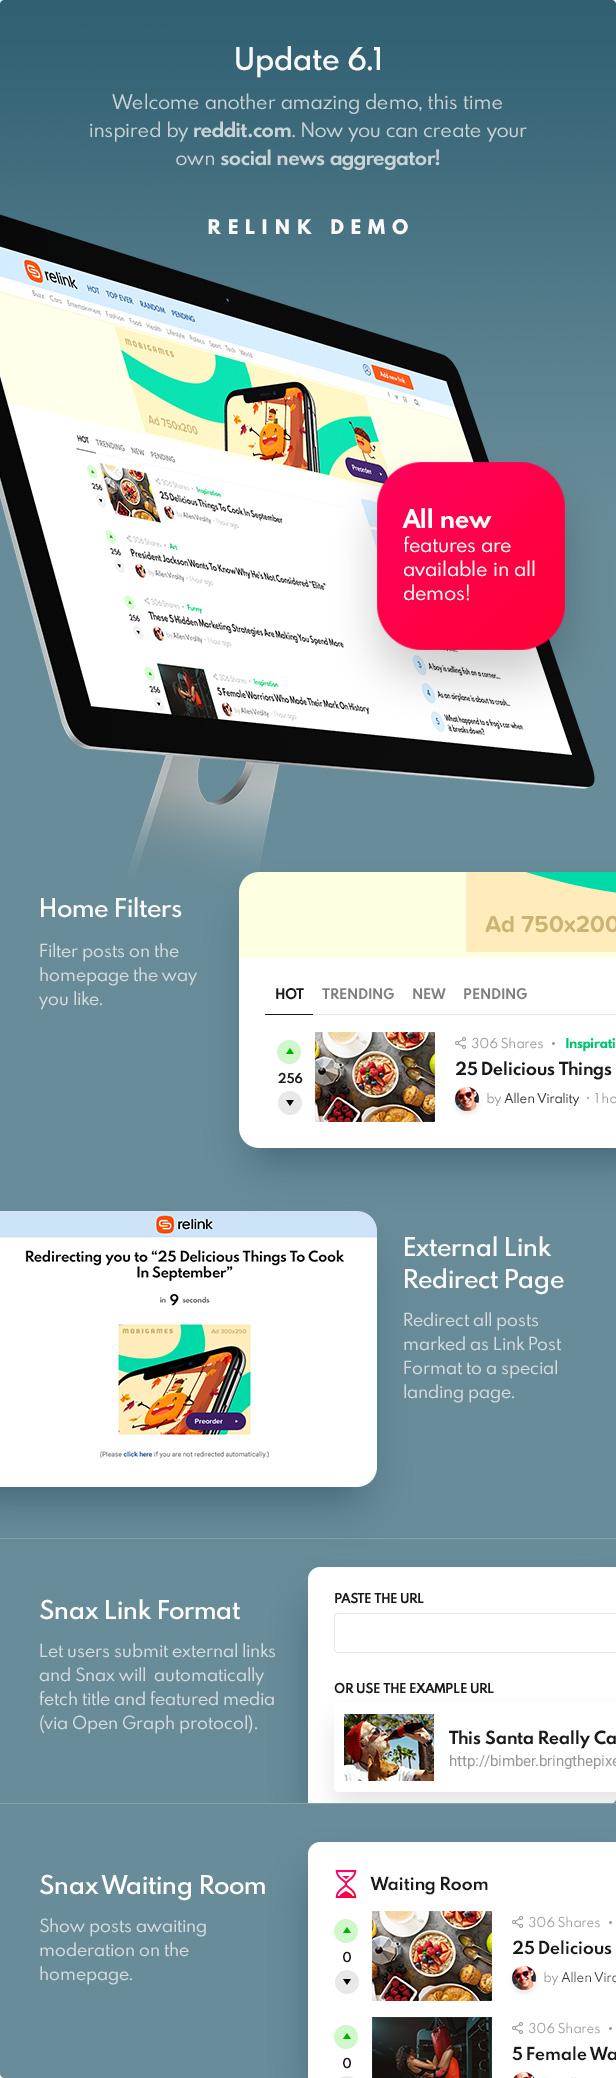 update 6 1 - Bimber - Viral Magazine WordPress Theme